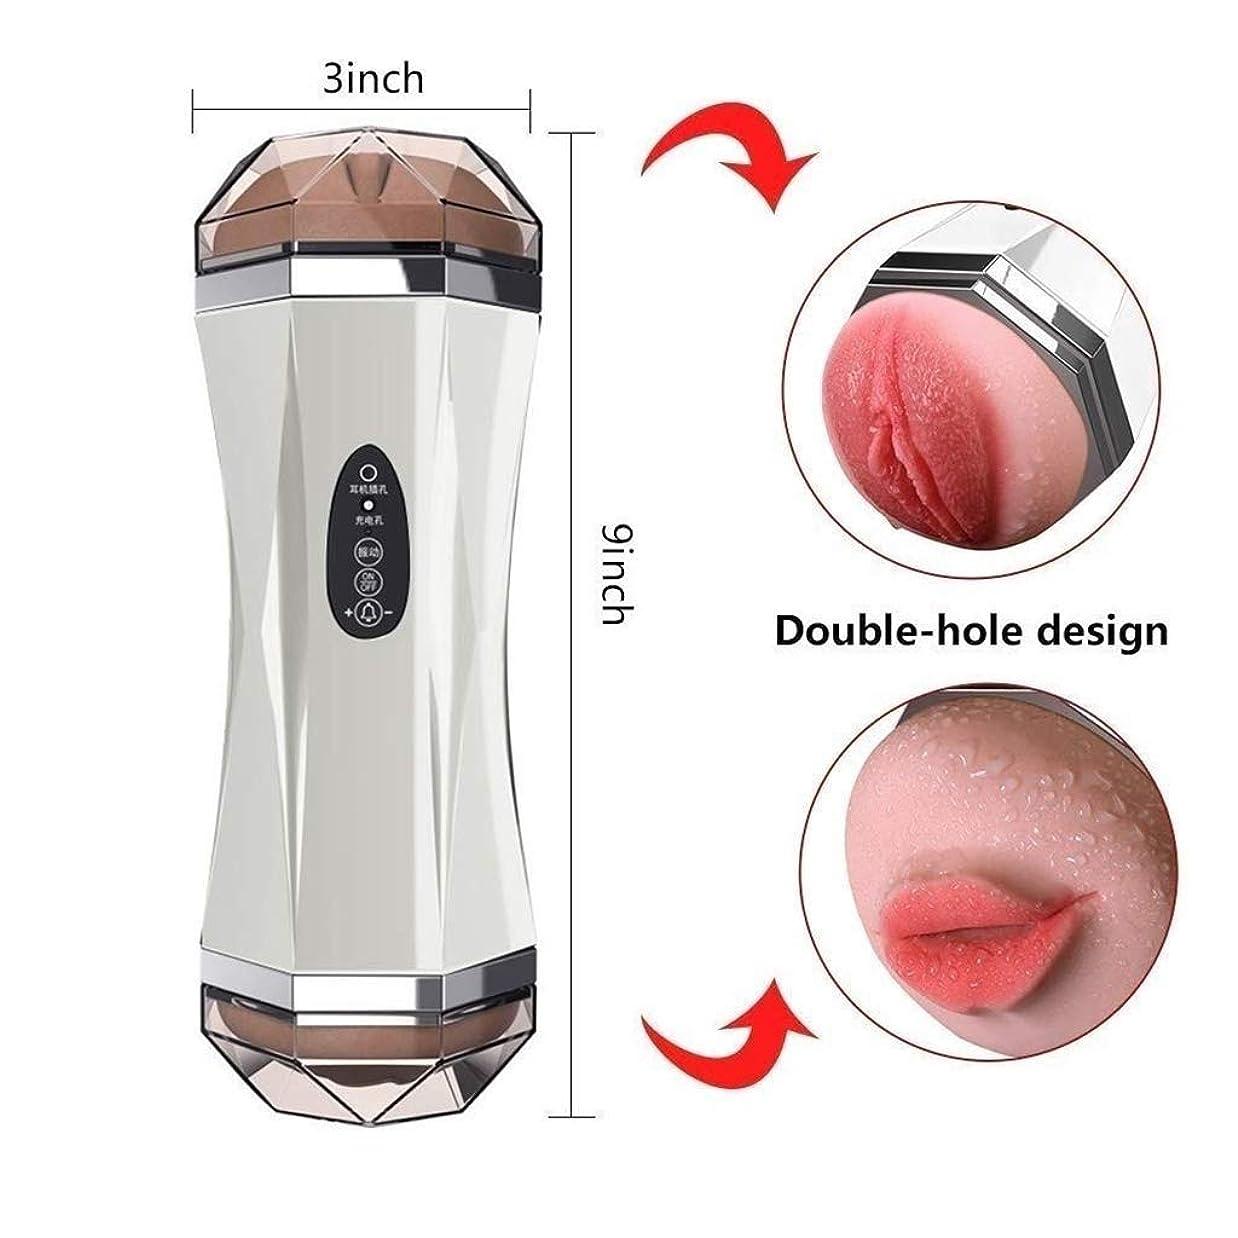 クラブセールペックプライベート梱包を充電8周波数Virbation男性ディープスロート実吸いカップマッサージおもちゃのUsb